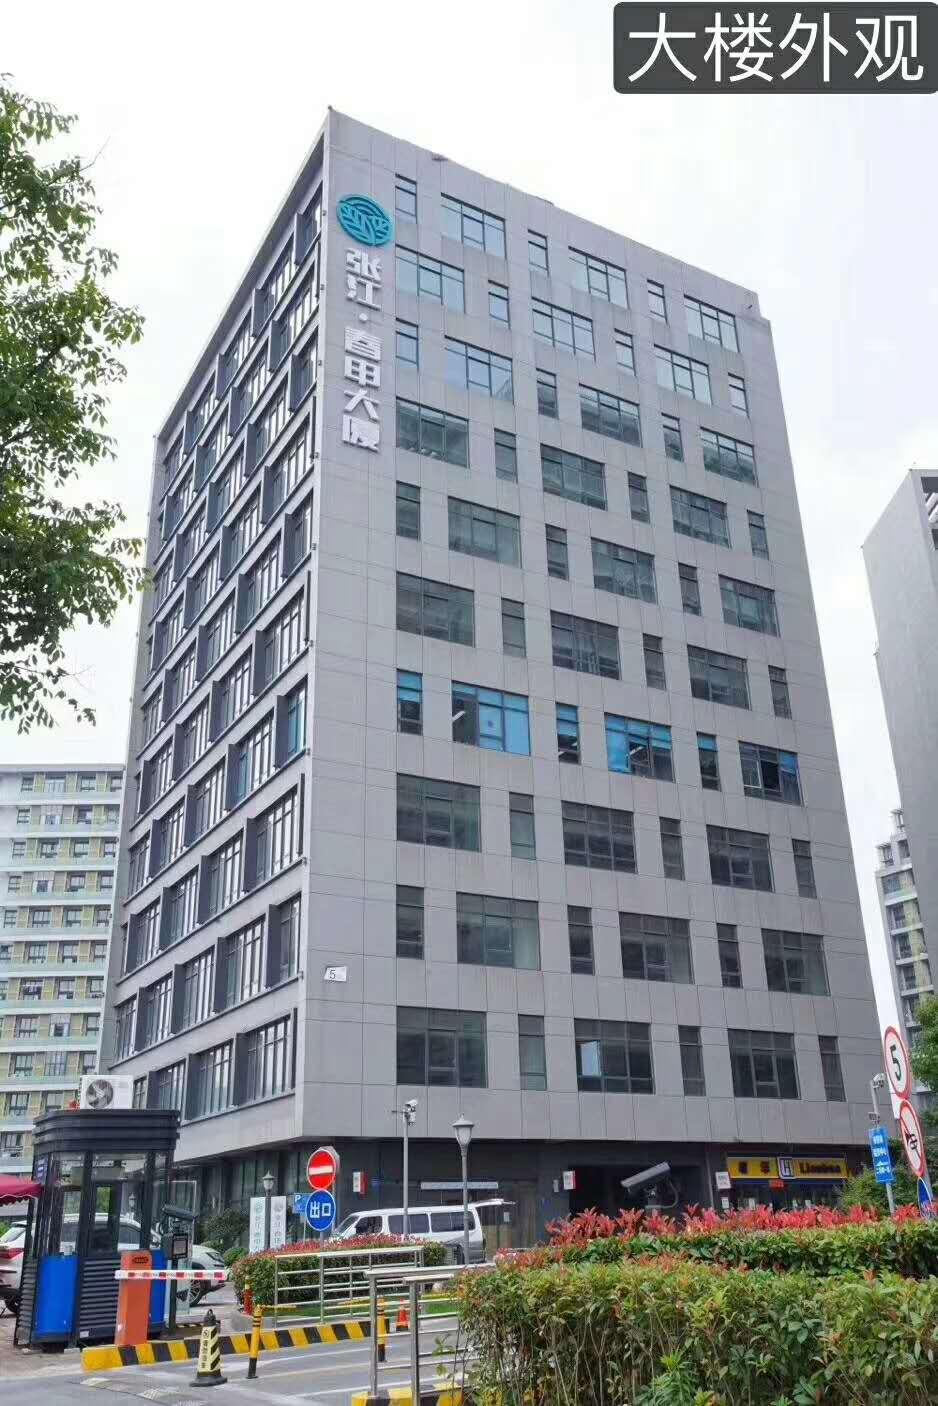 Zhang Jiang Chun Shen Building (张江.春申大厦)